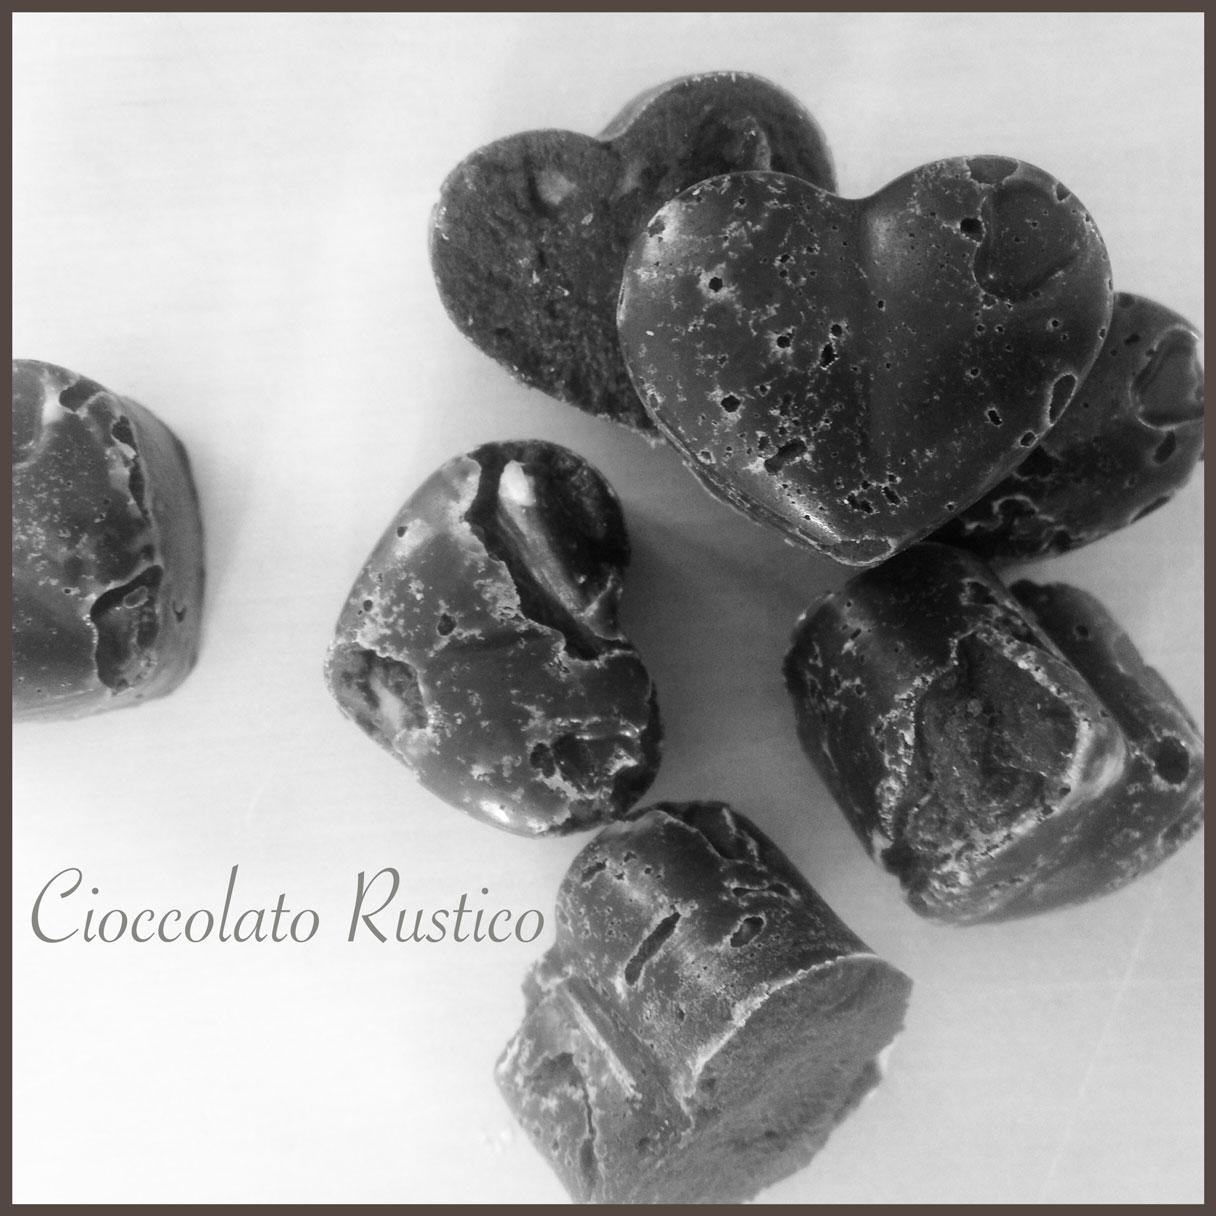 CioccolatoRustico1